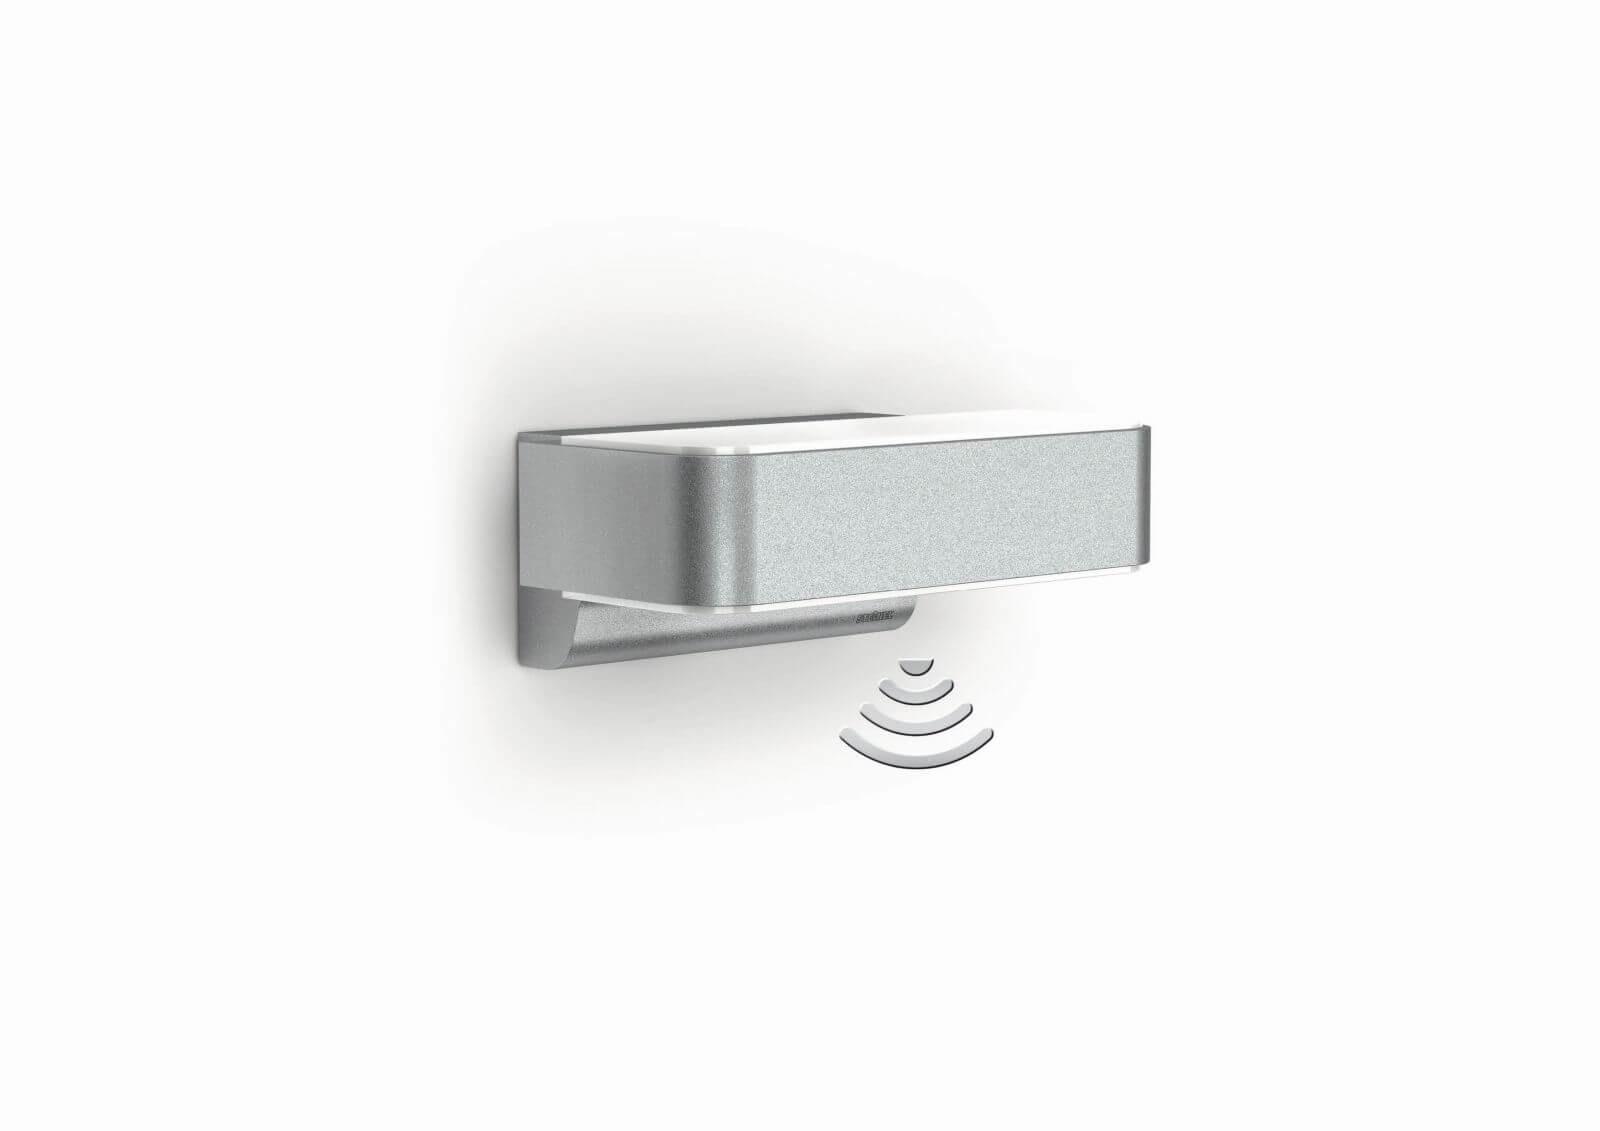 Steinel Außenleuchte L 810 LED iHF Smart Friends Sensor Wandleuchte 160° Erfassung Z-Wave